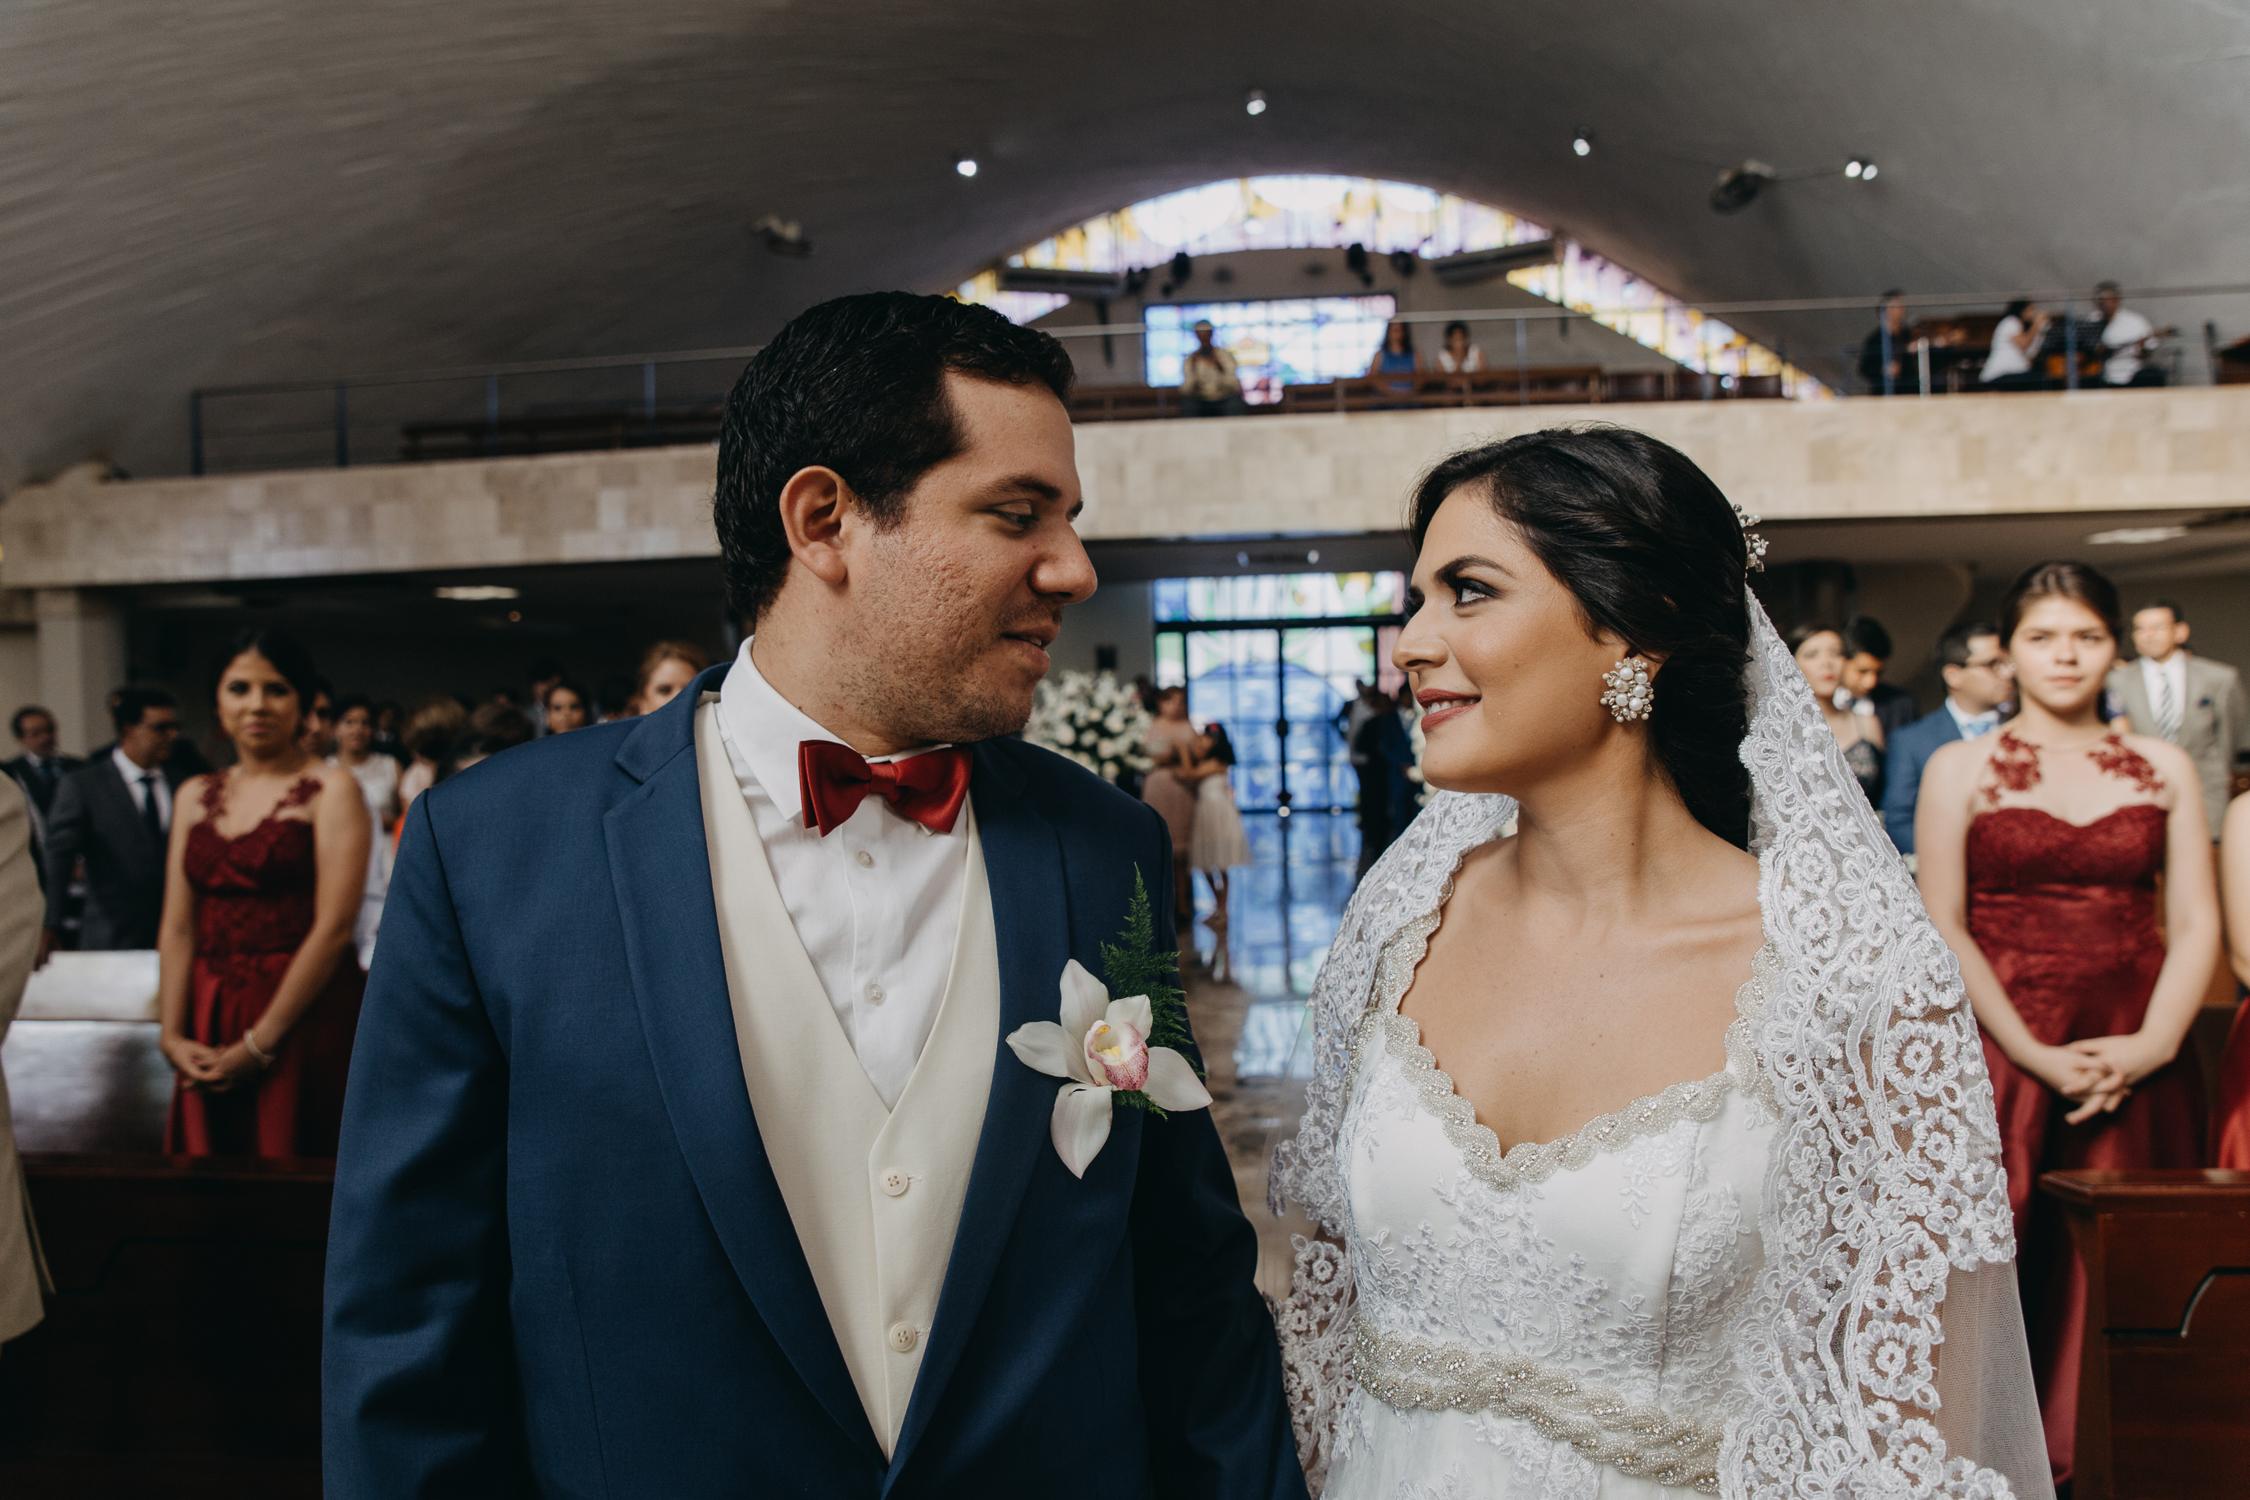 Michelle-Agurto-Fotografia-Bodas-Ecuador-Destination-Wedding-Photographer-Cristi-Luis-49.JPG